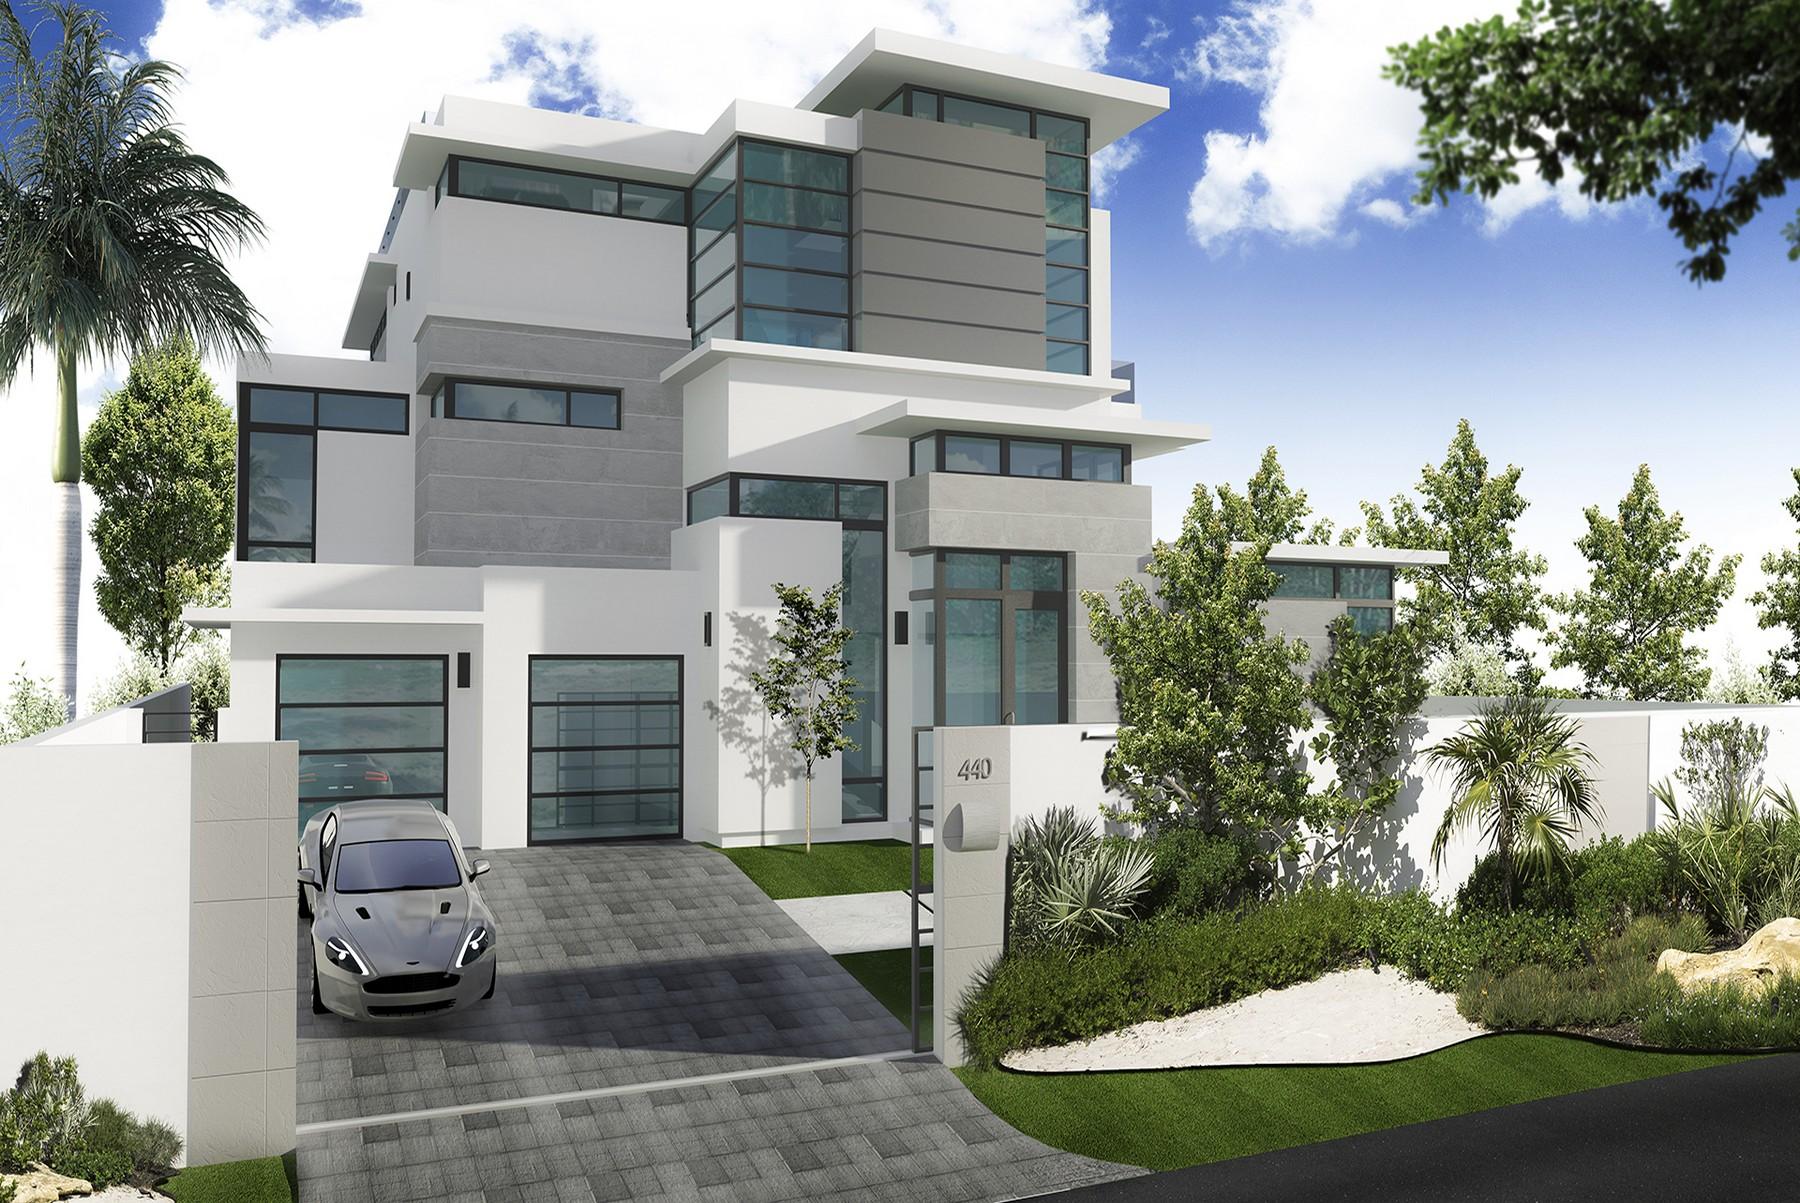 Maison unifamiliale pour l Vente à 440 Mola Ave. Fort Lauderdale, Florida 33301 États-Unis